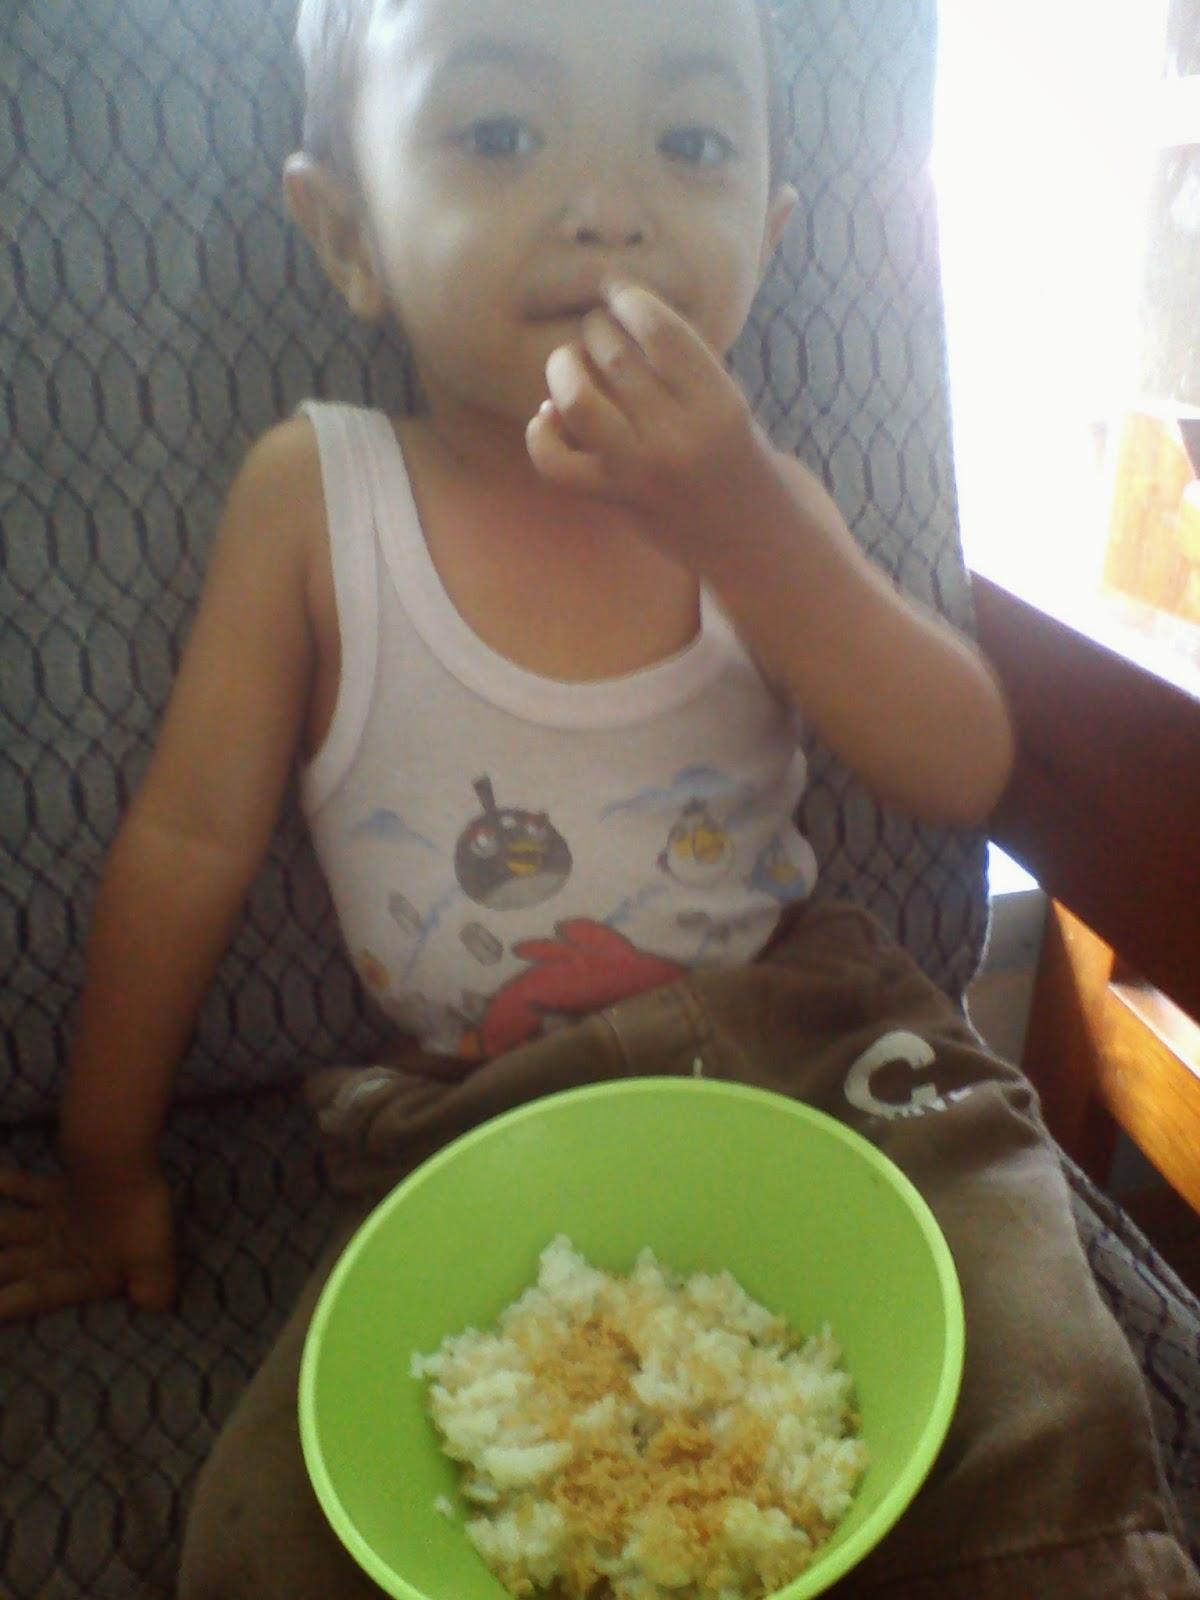 Penyebab Anak Susah Makan dan Cara Mengatasinya